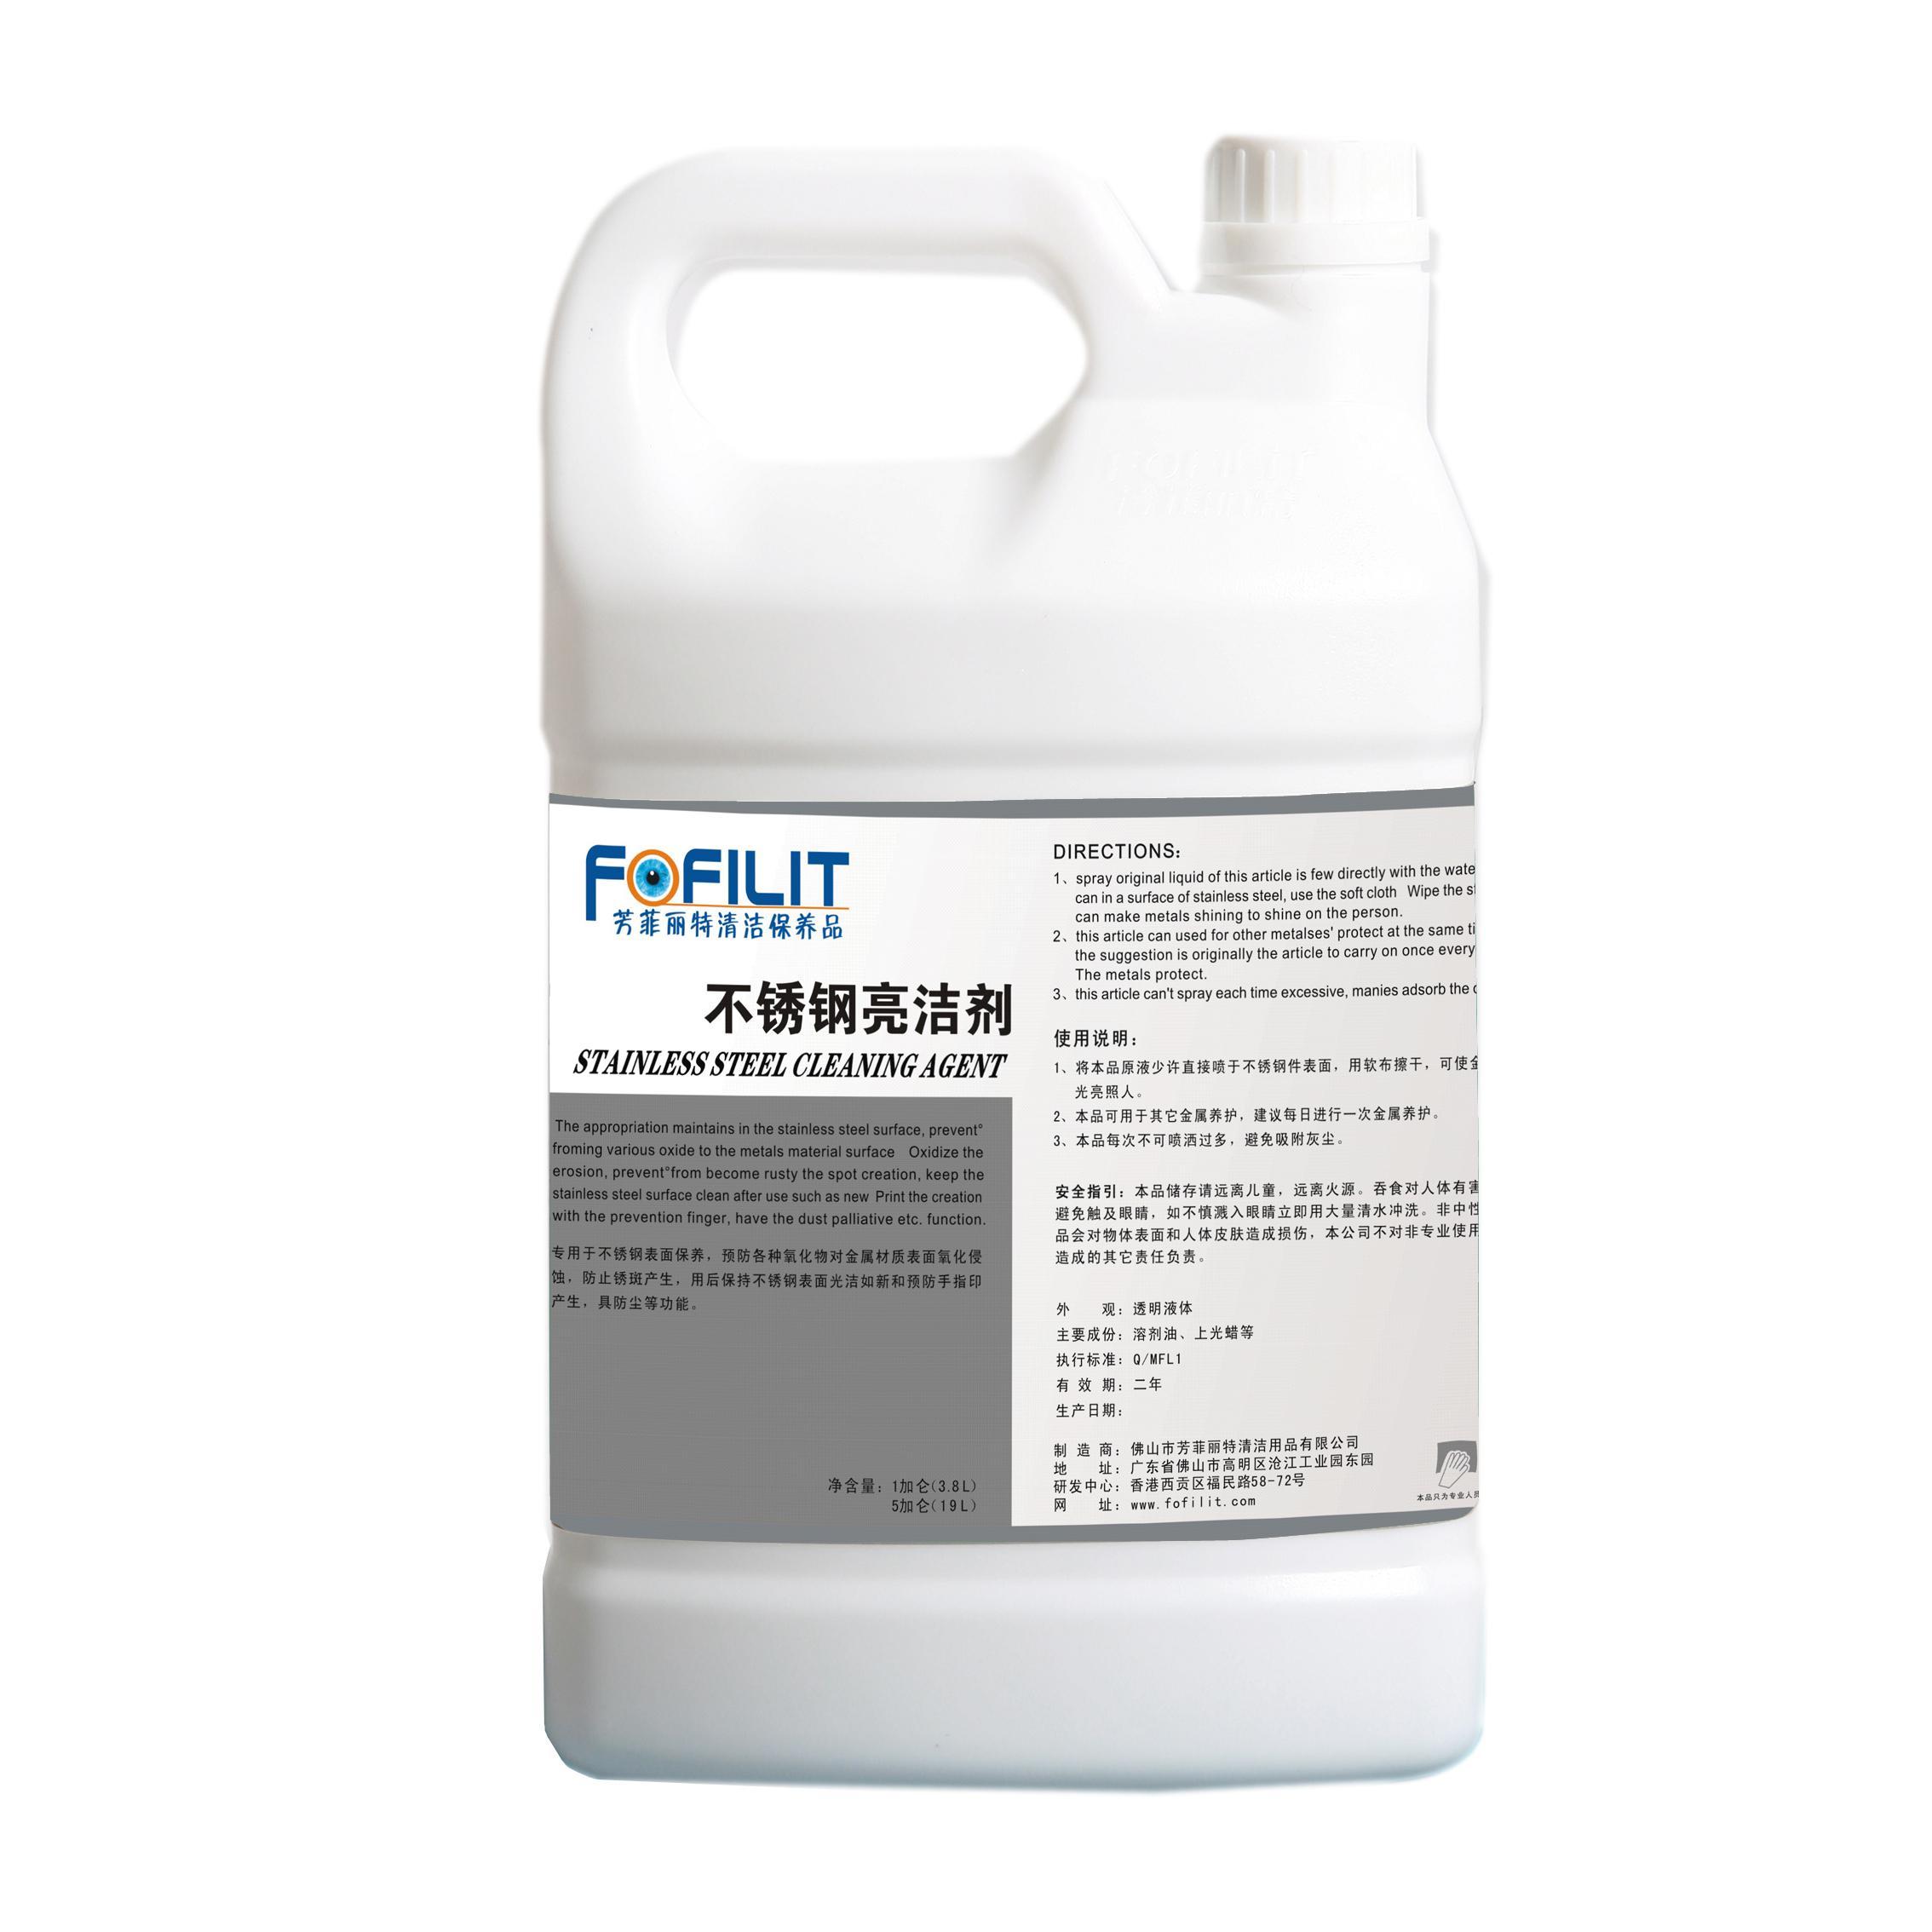 不锈钢亮洁剂保养液电梯清洁强力去污抛光保养光亮油